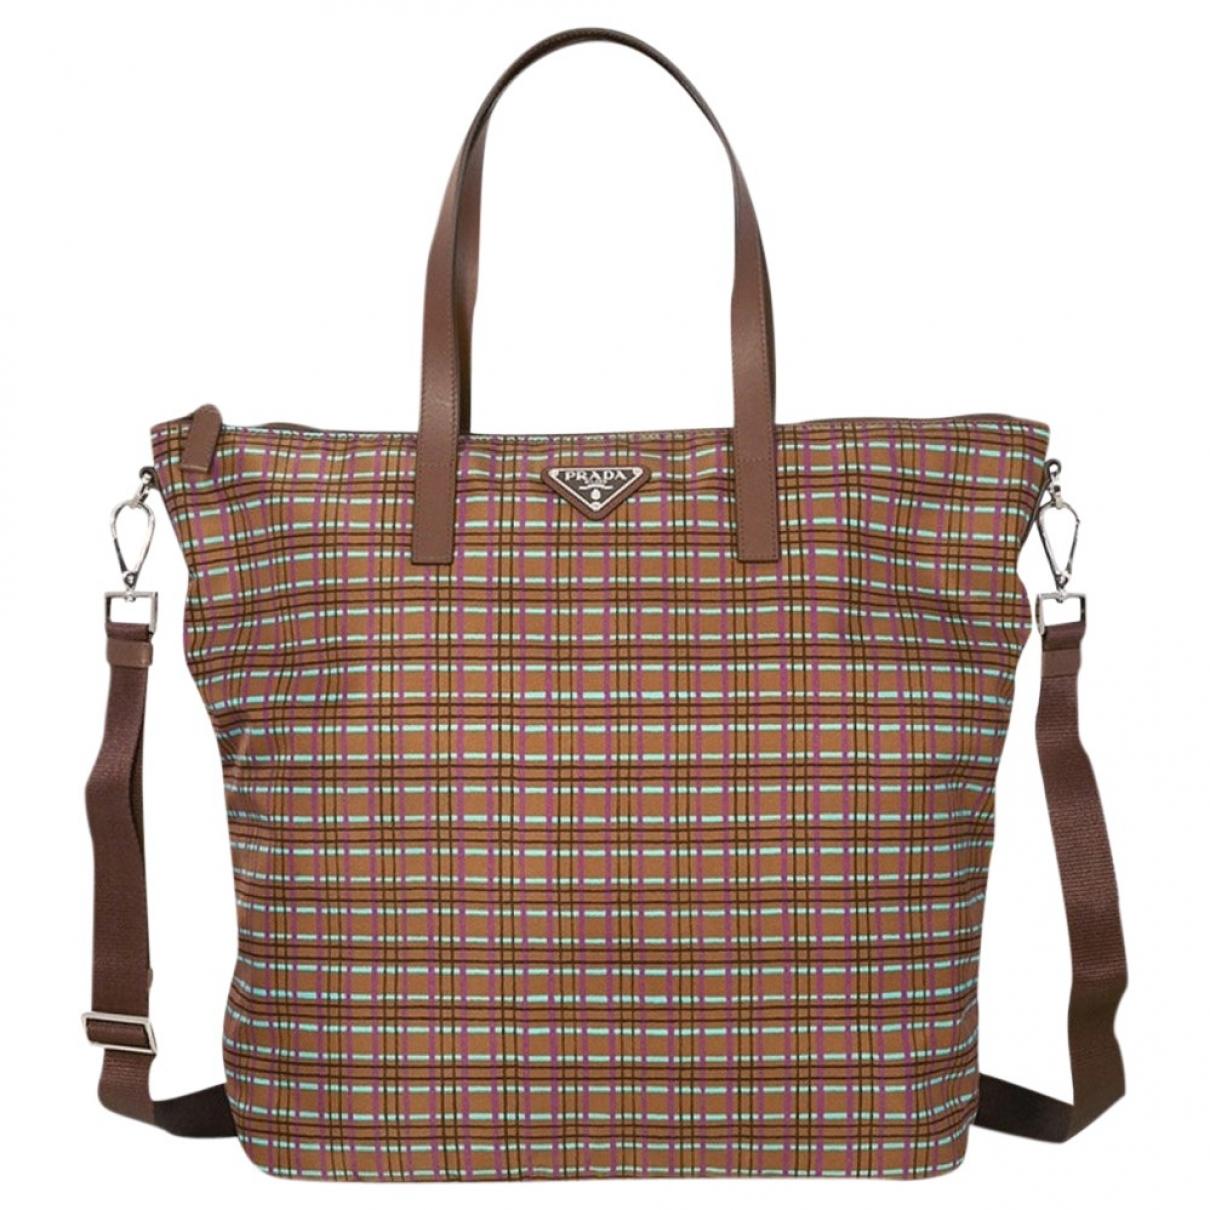 Prada Re-Nylon Handtasche in  Bunt Synthetik